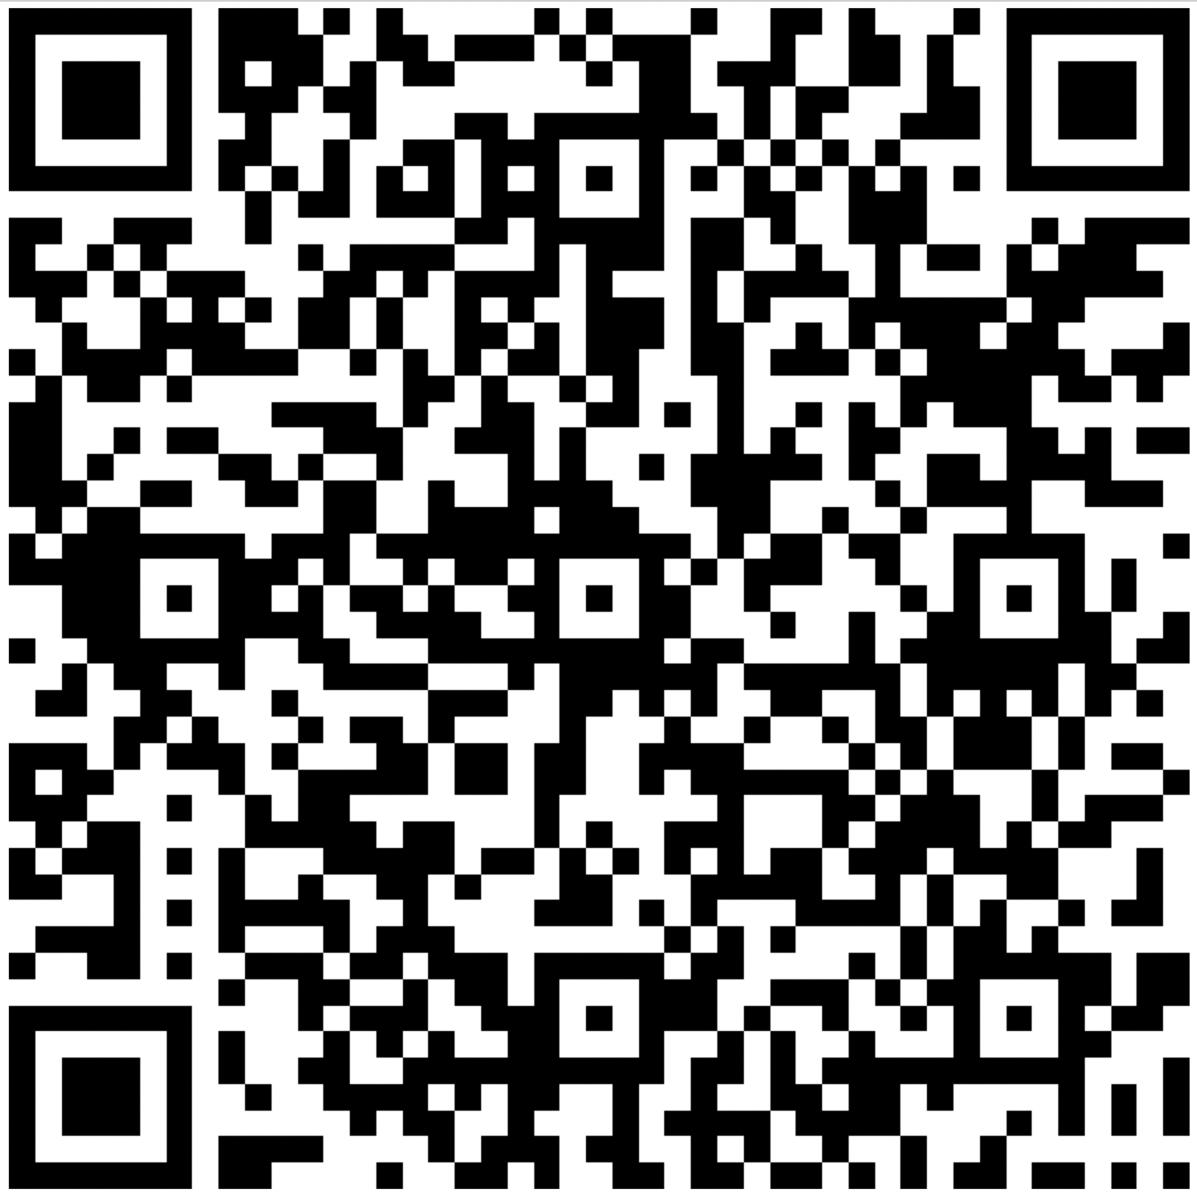 Student Survey QR Code